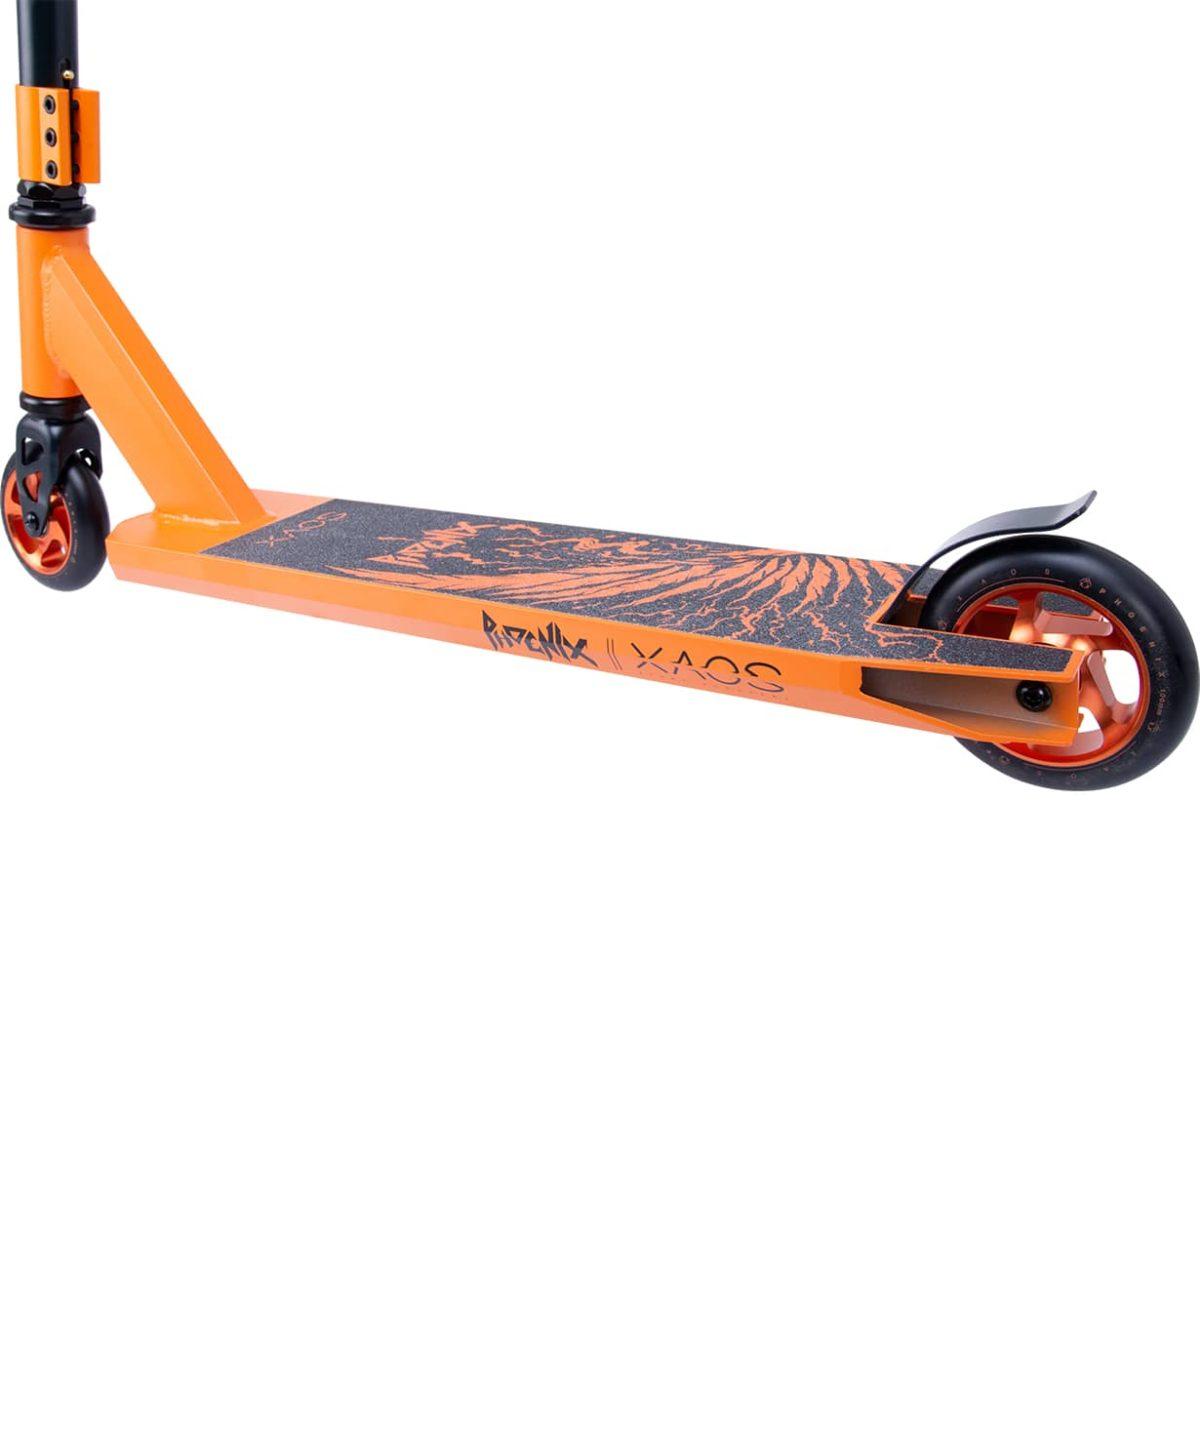 XAOS Phoenix Cамокат трюковый 100 мм  Phoenix: Orange - 6